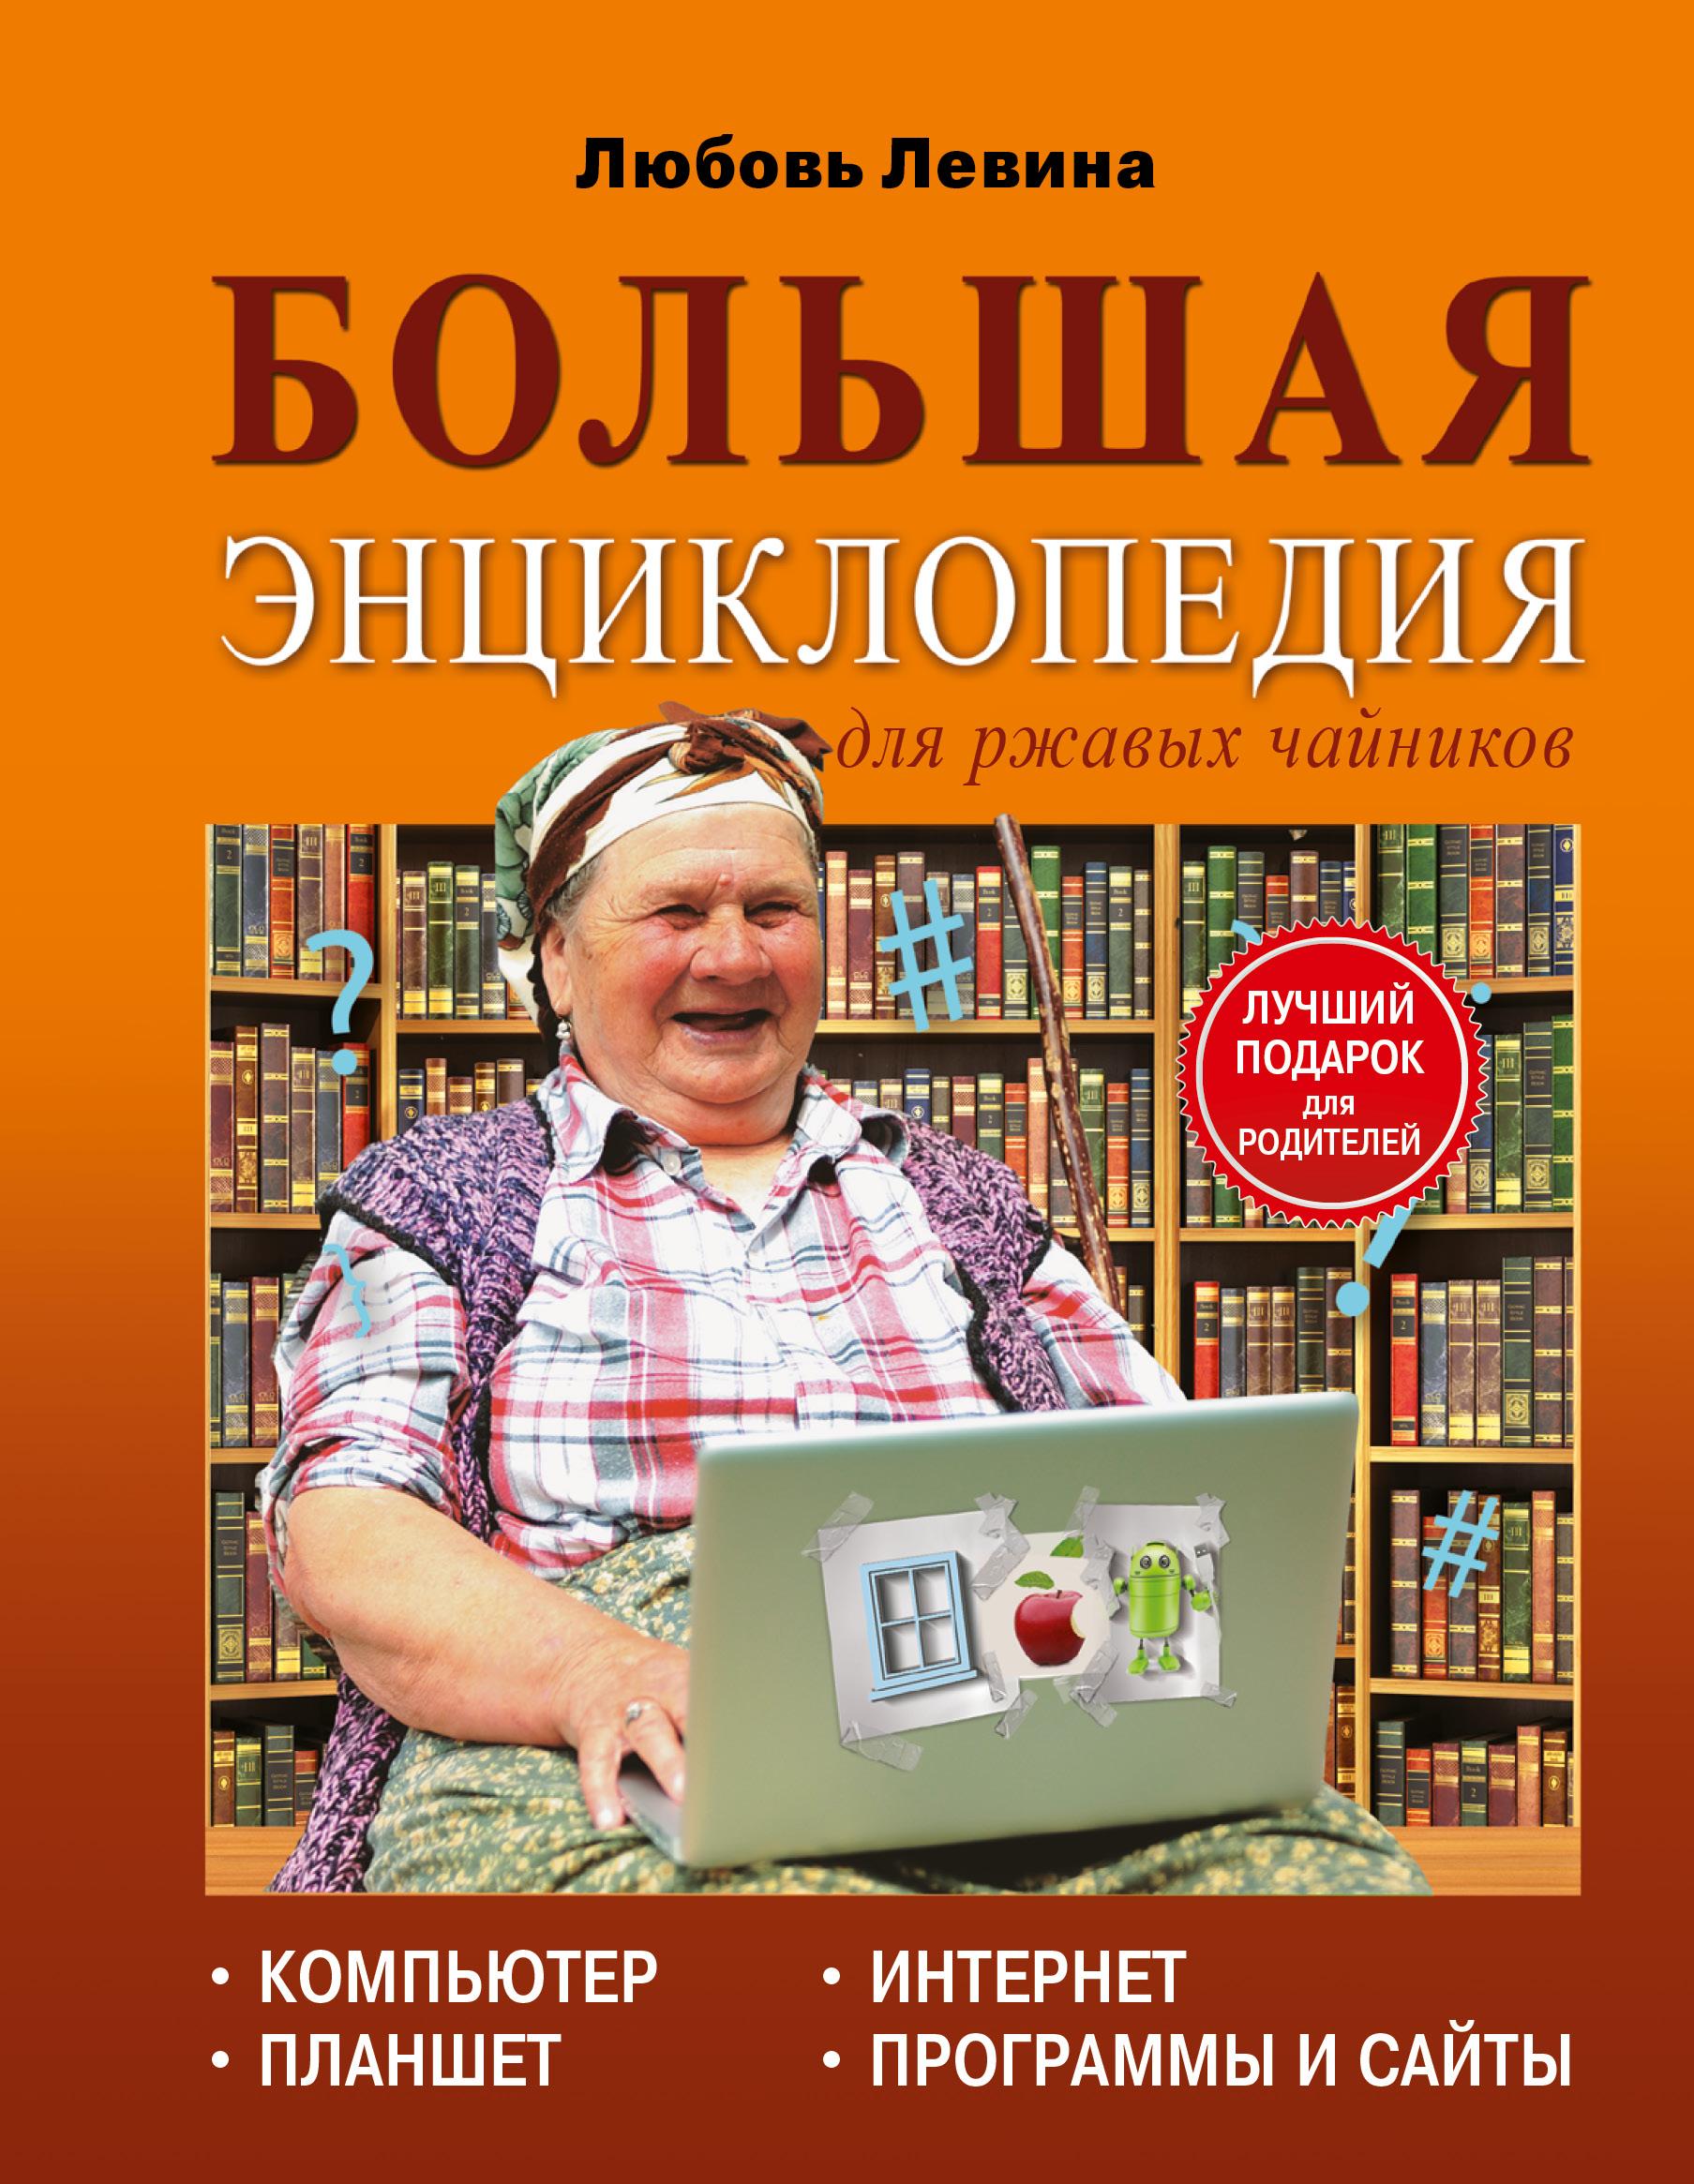 Левина Л.Т. Большая энциклопедия для ржавых чайников: компьютер, планшет, Интернет